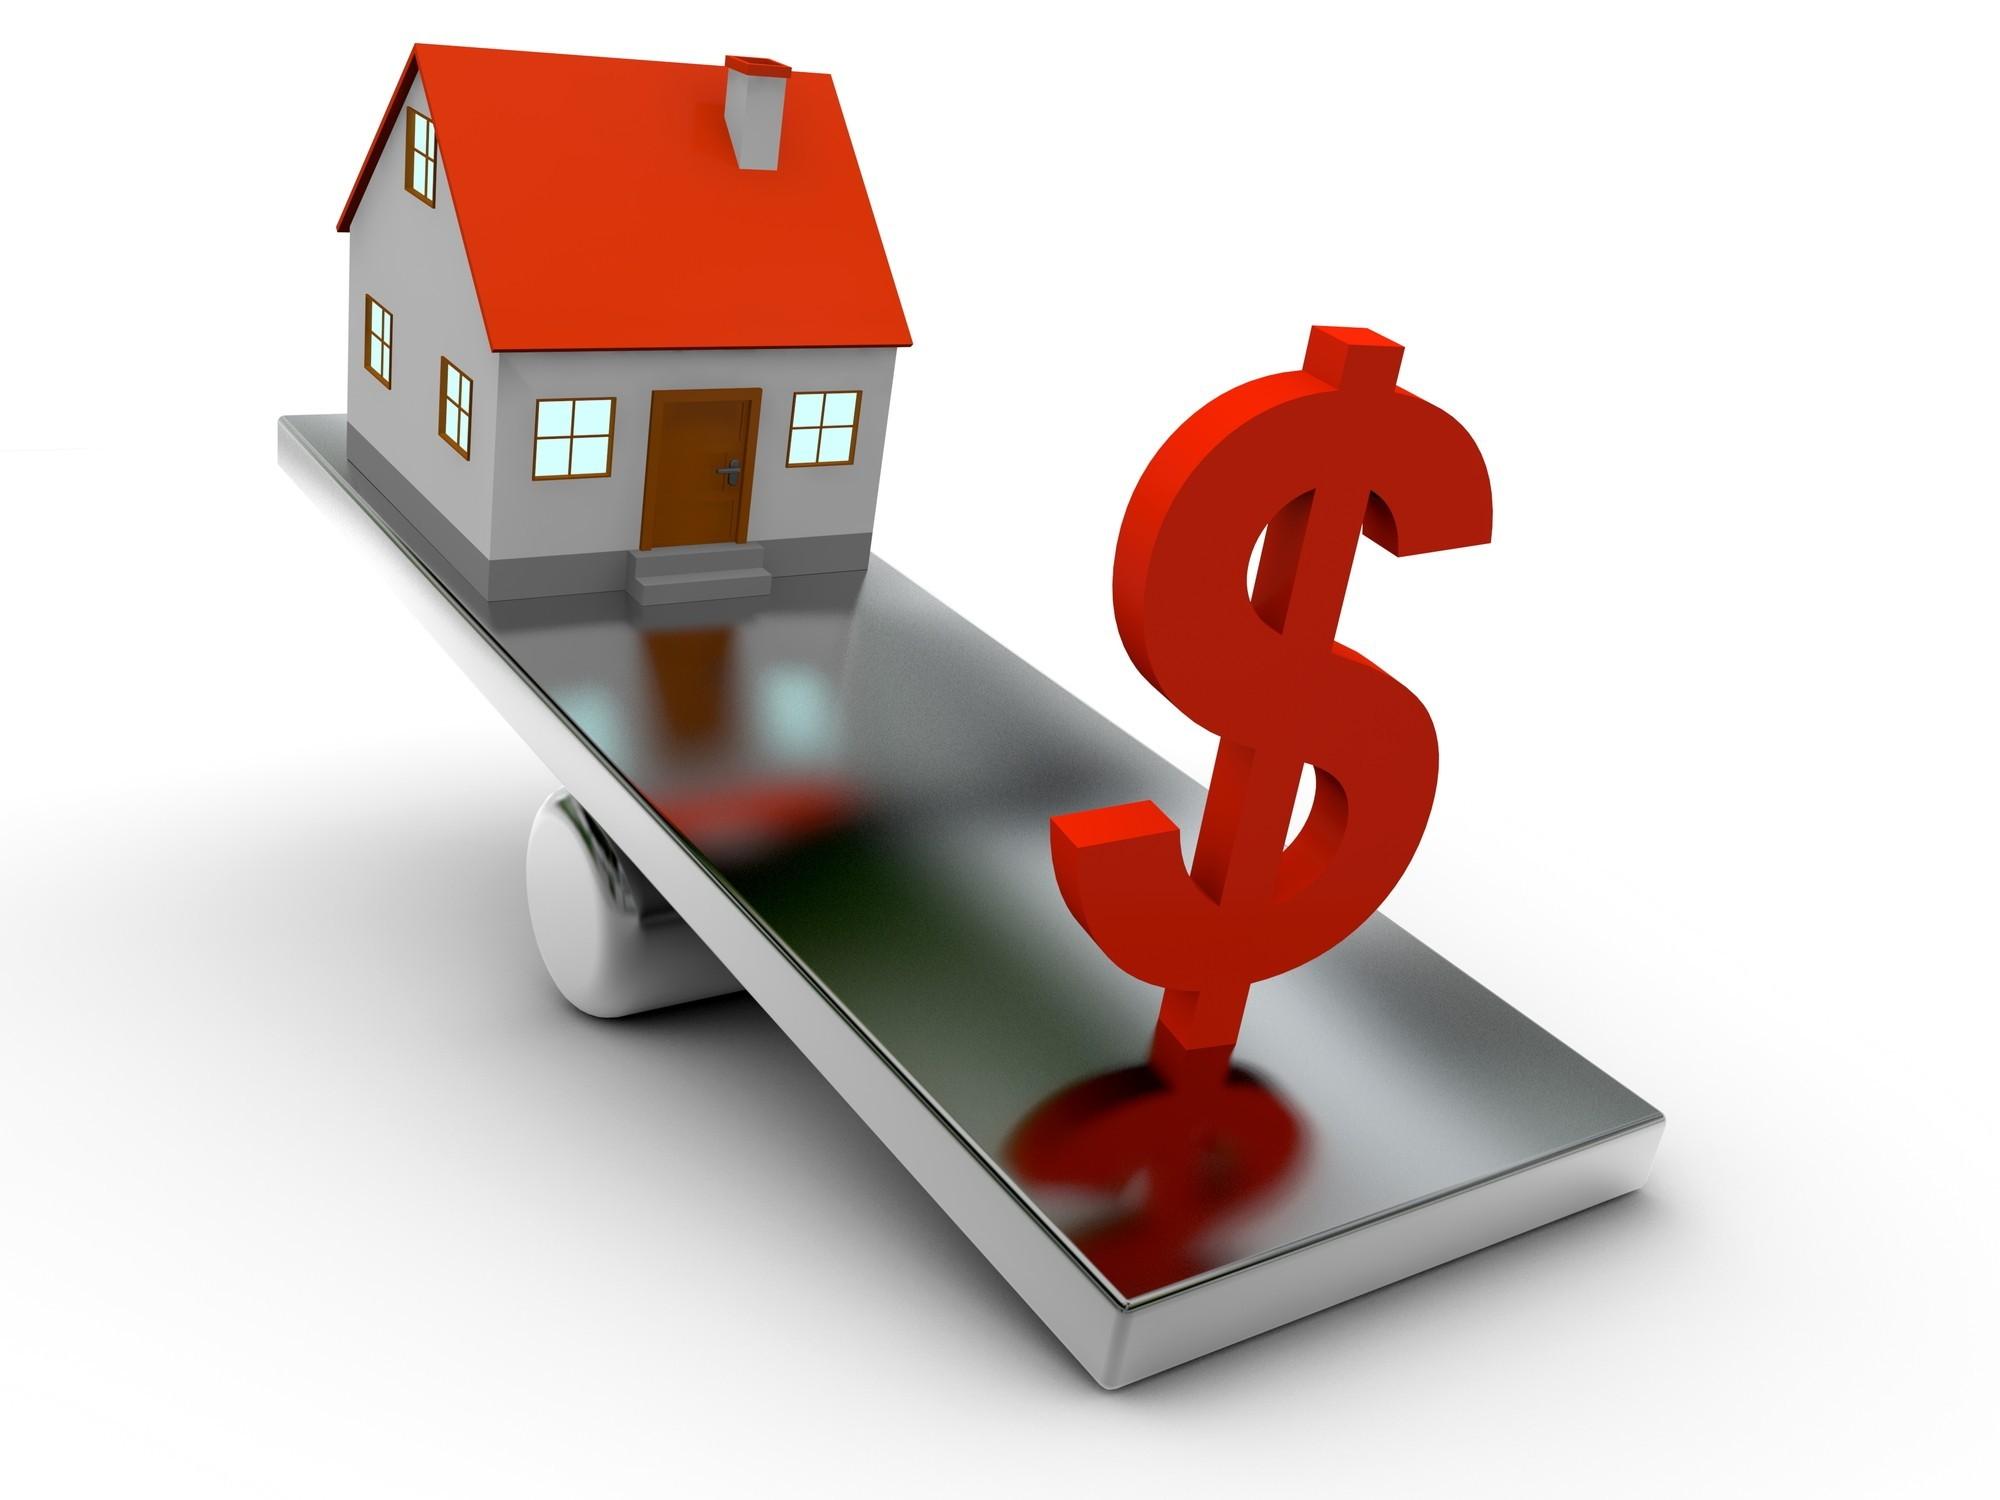 АИЖК предупредило орисках ипотеки без первоначального взноса